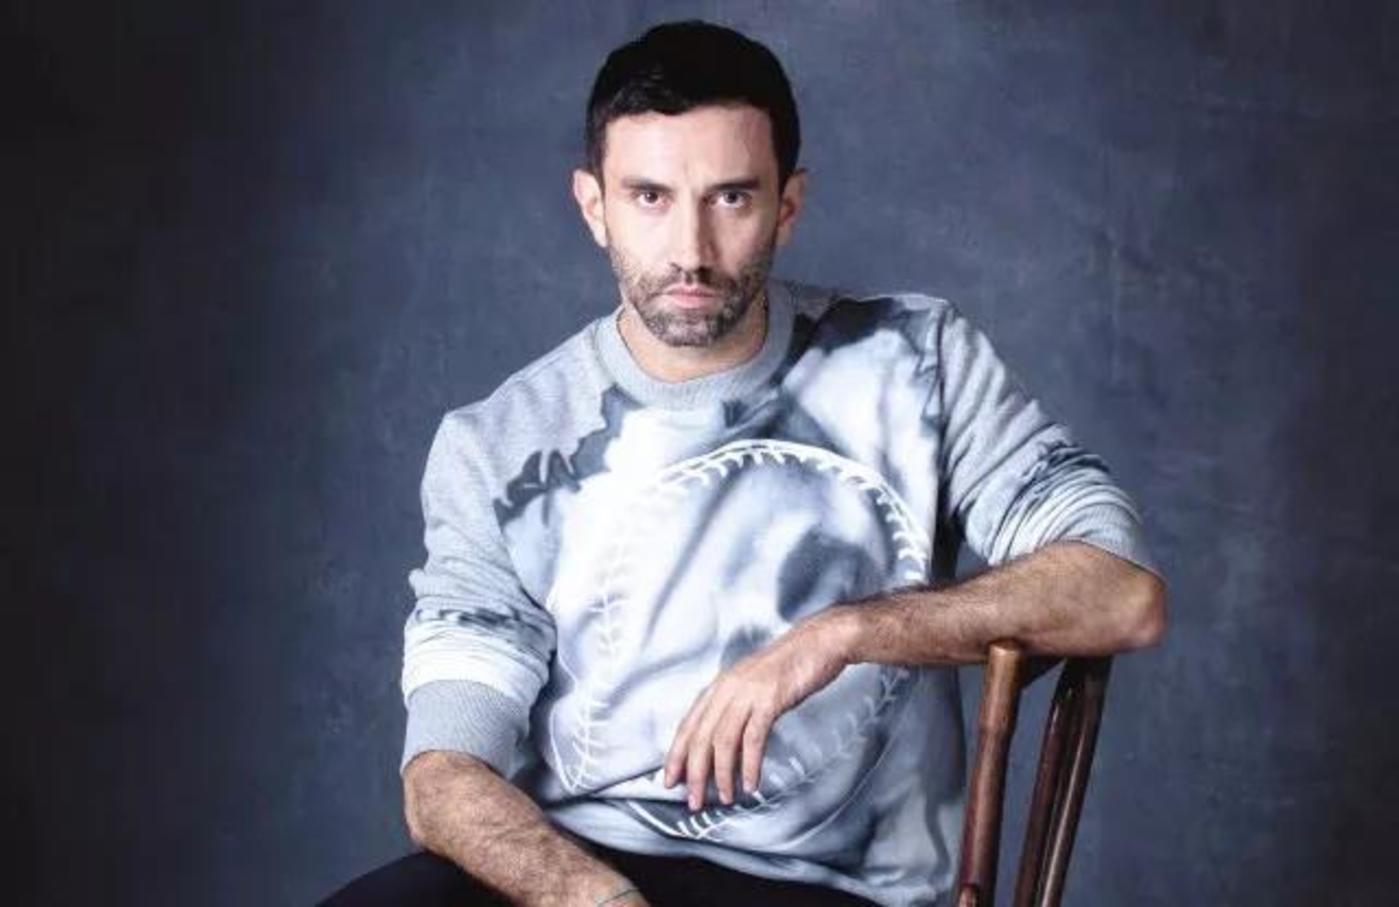 擅长将高级时装与街头服饰融合的Riccardo Tisci将是Burberry转变形象的关键人物